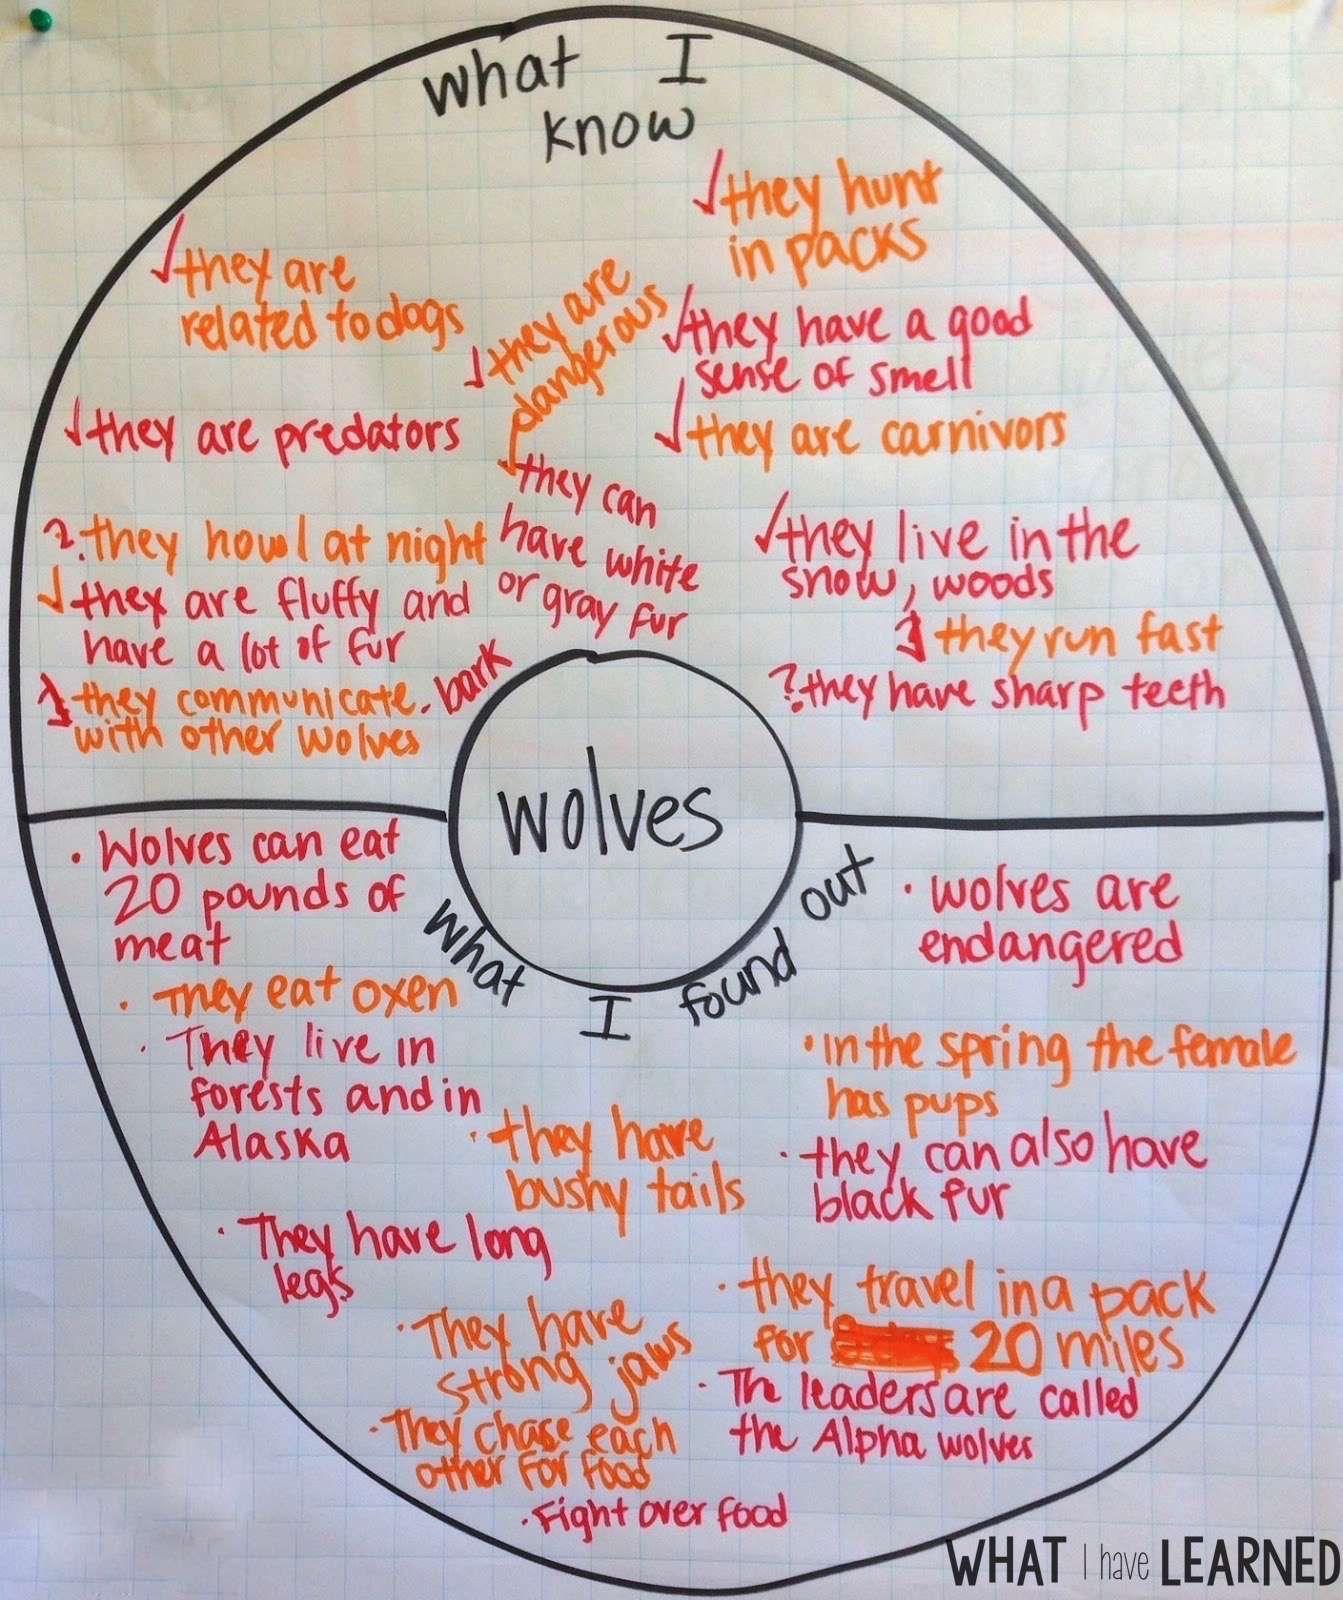 [+] Organizing Sentences Around A Central Idea Creates A An